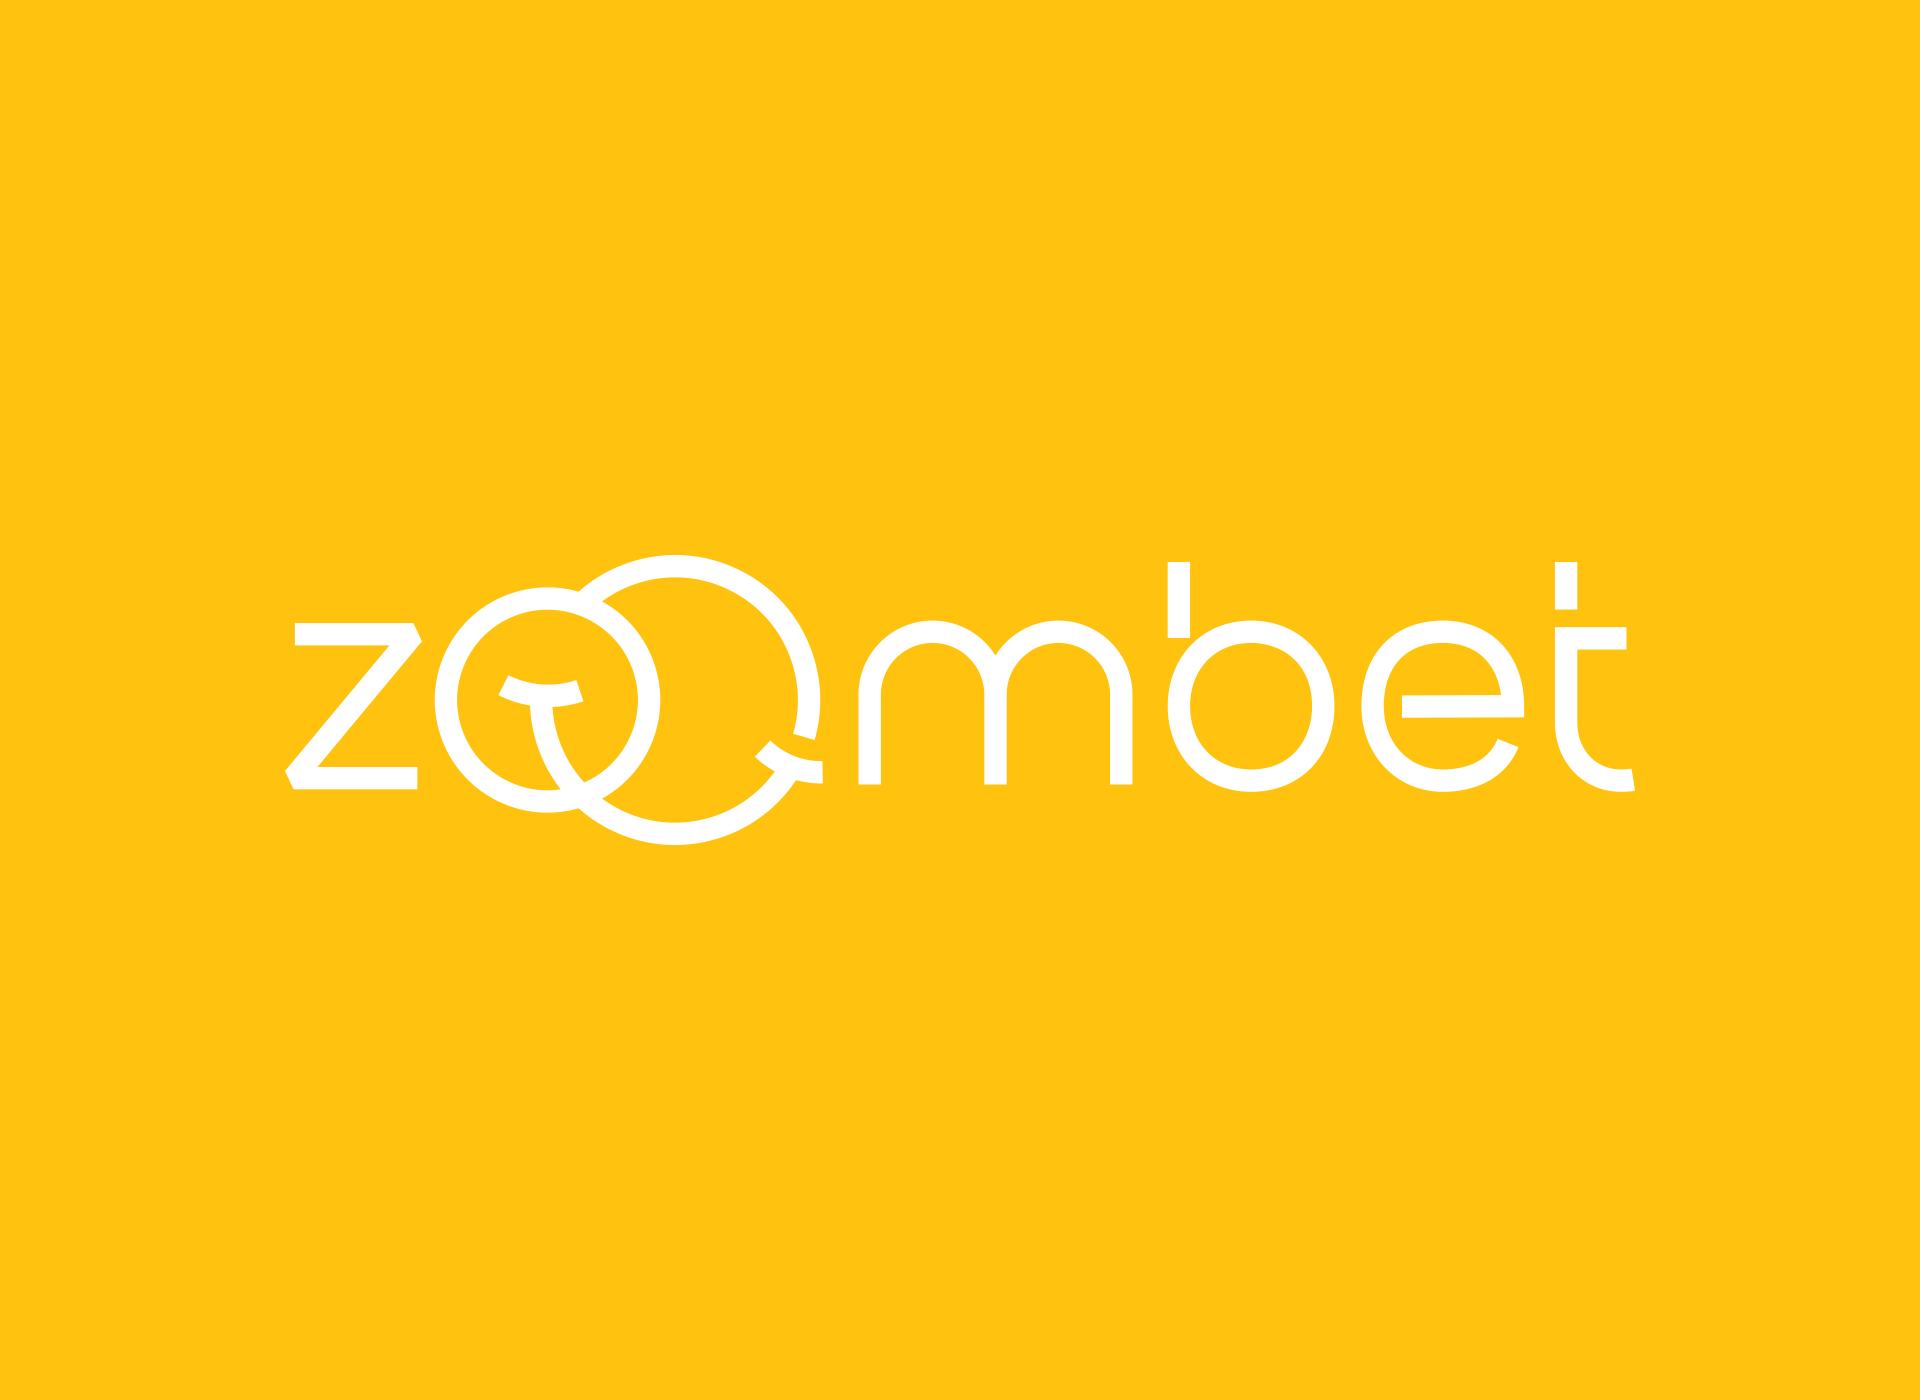 Zoombet